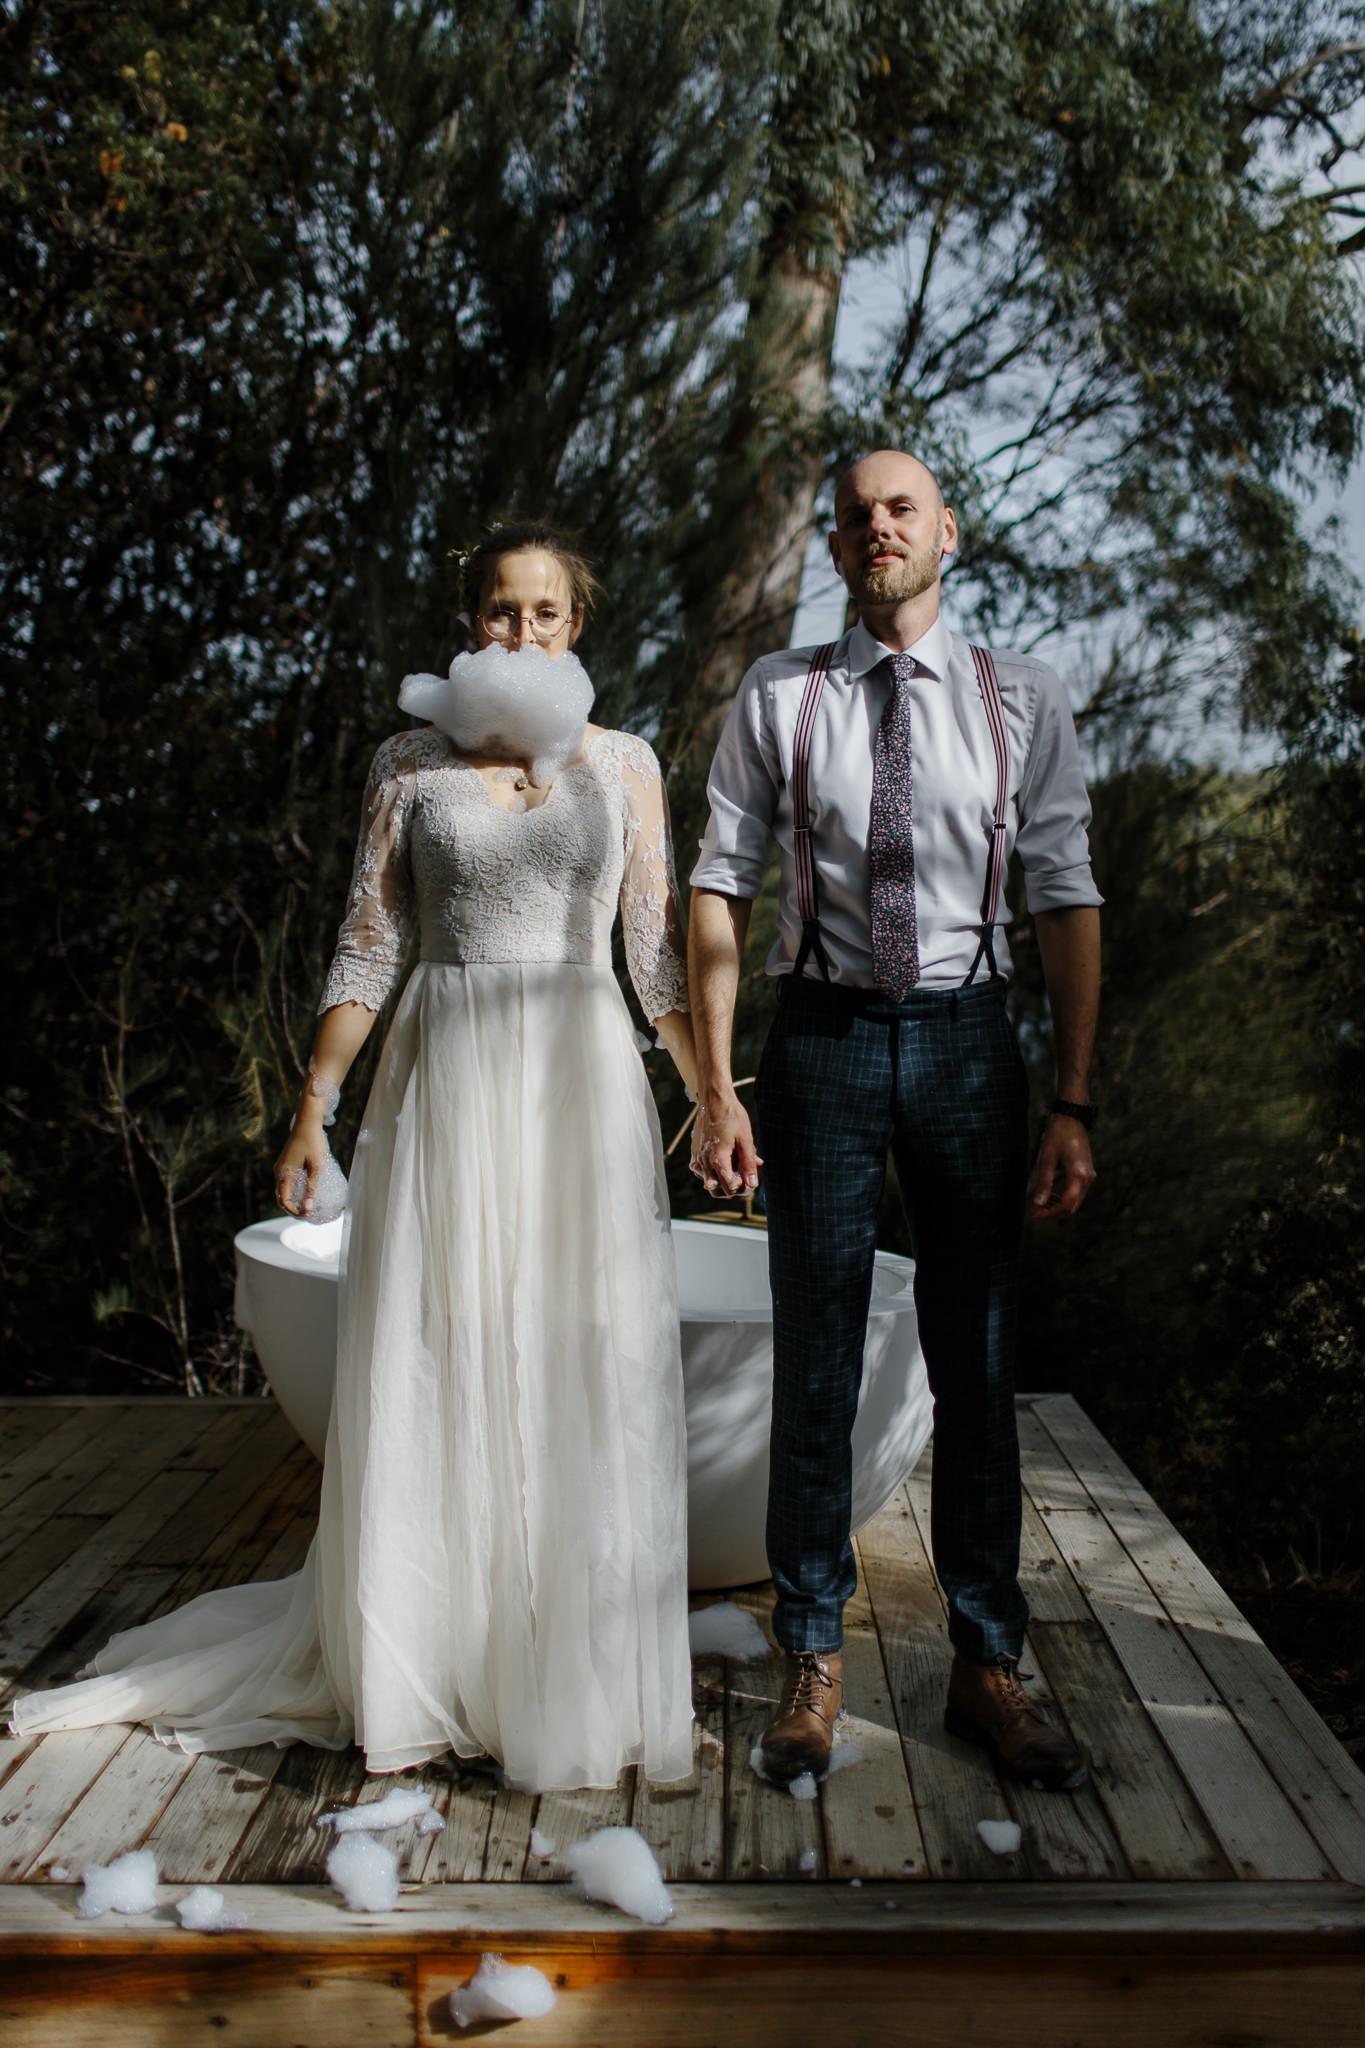 Pumphouse_Point_wedding_photography_elopement636.JPG